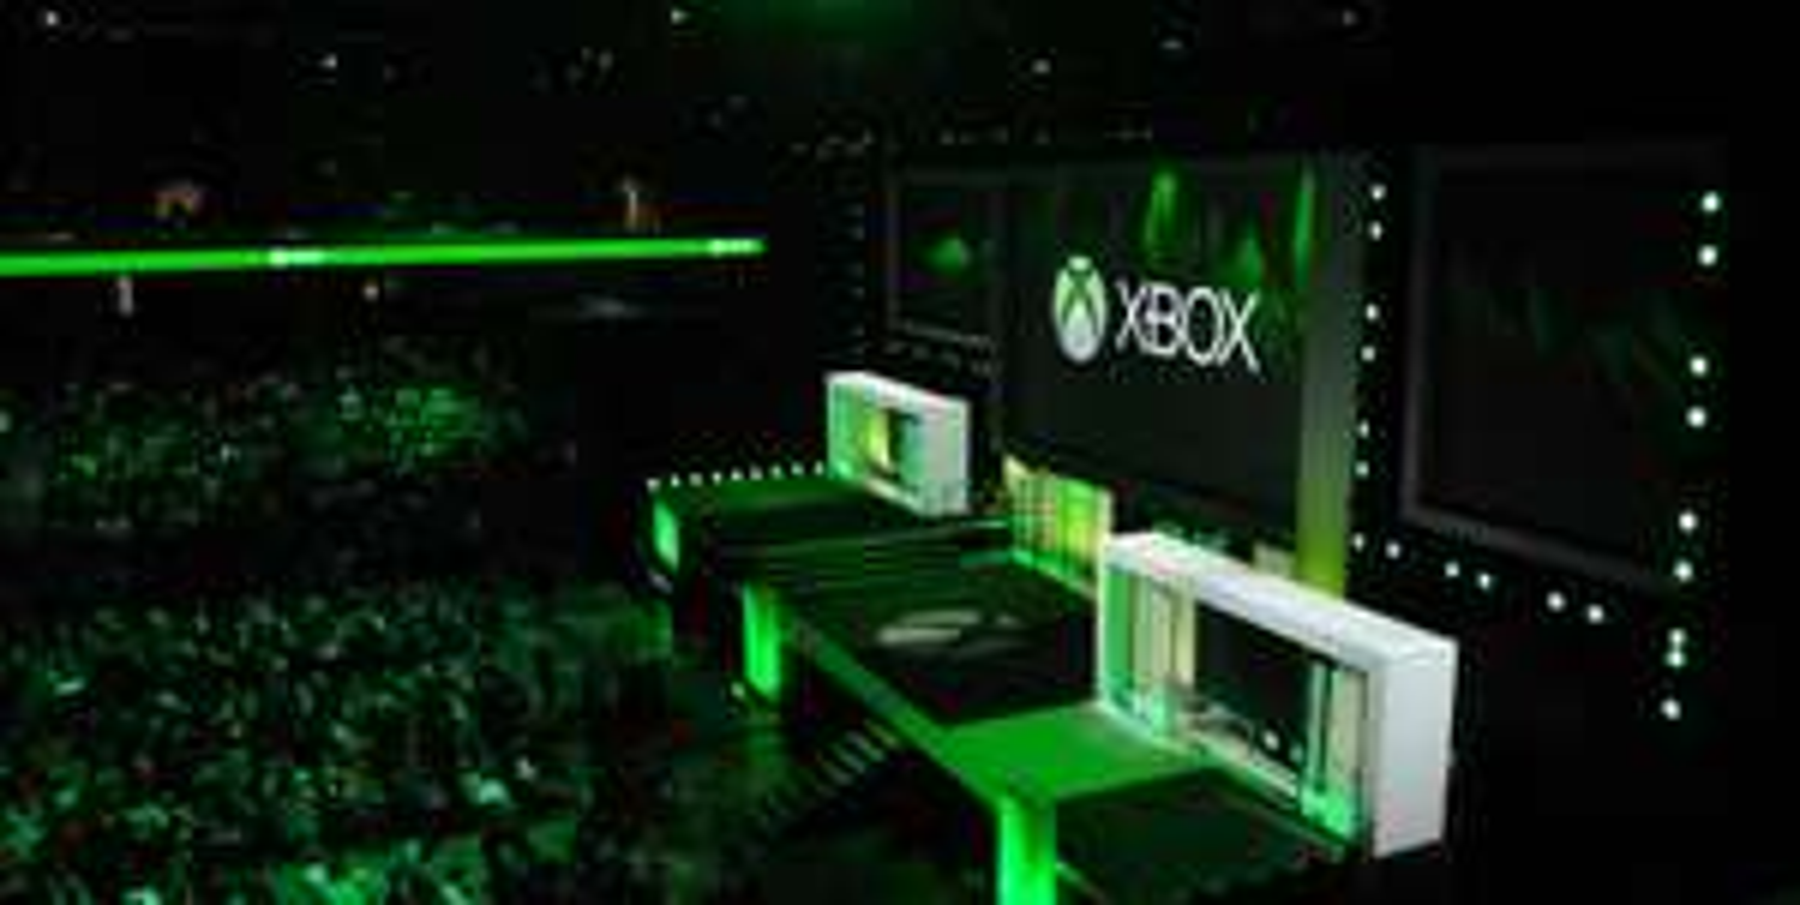 Darmowe gry i dodatki DLC - Xbox One